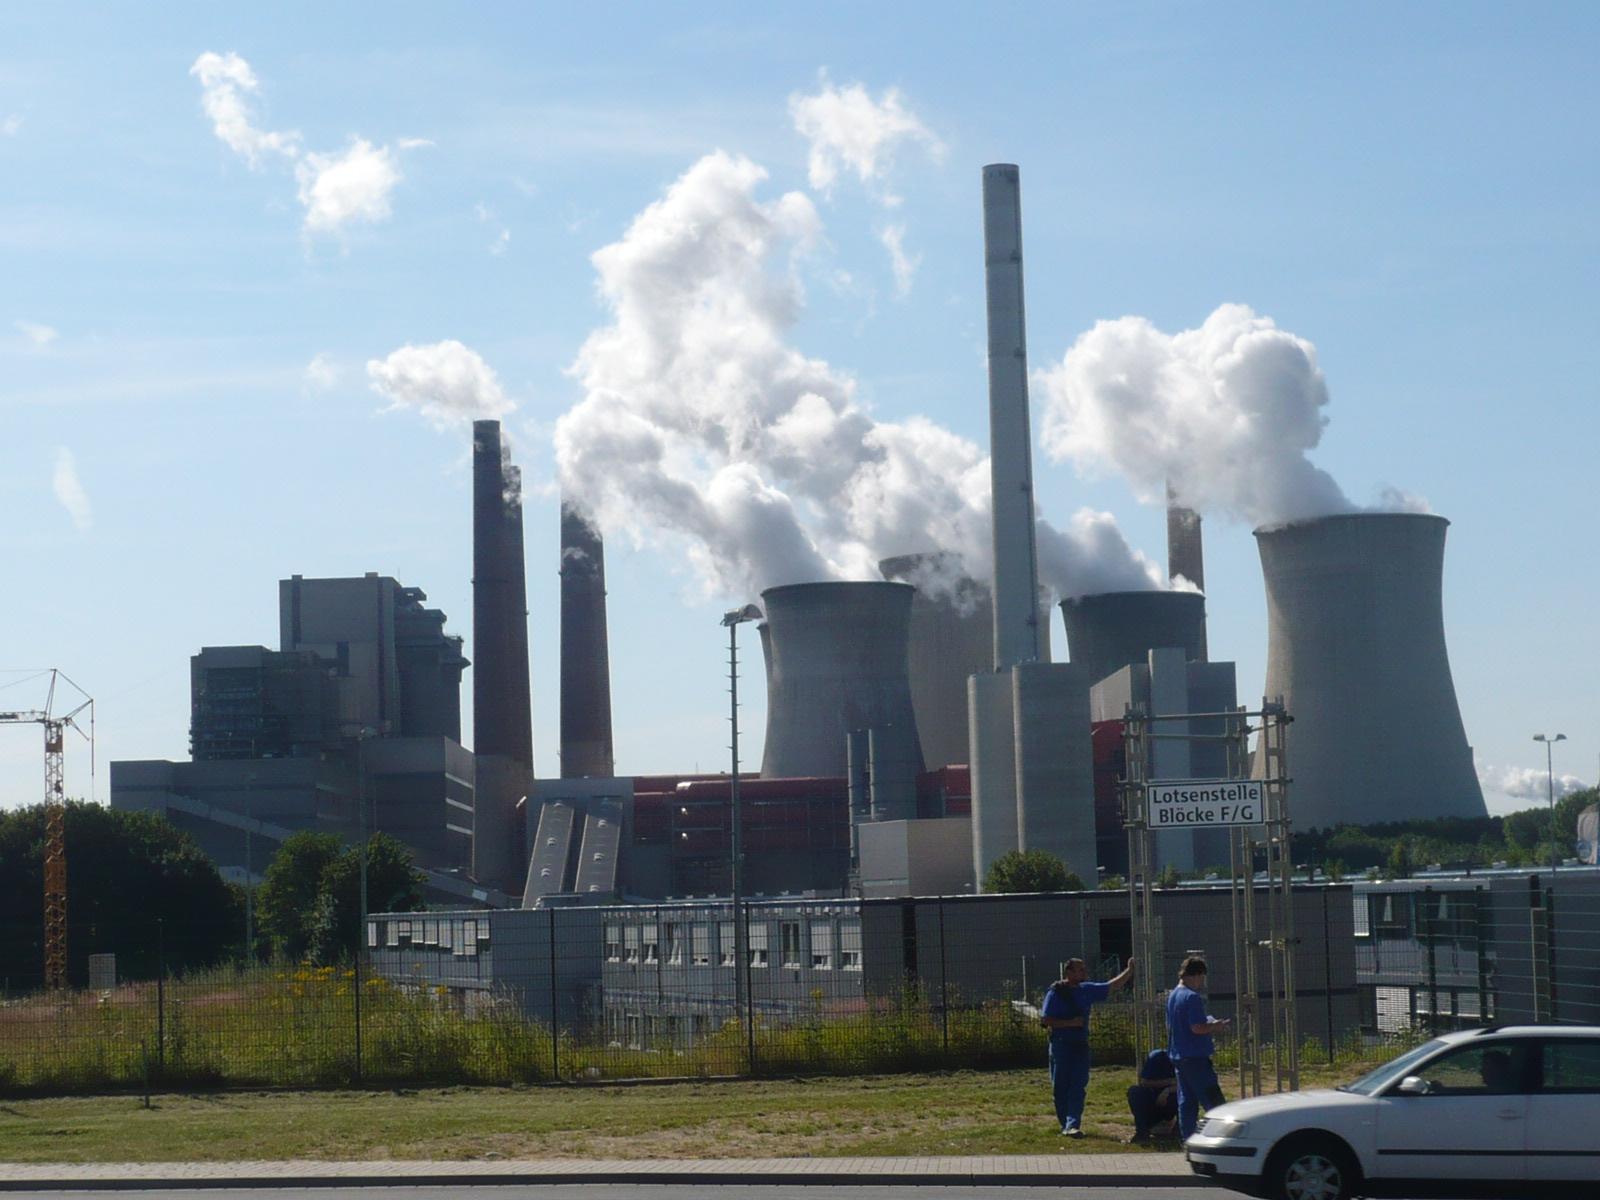 Datei:Kraftwerk Neurath - Bestandskraftwerk 03.JPG